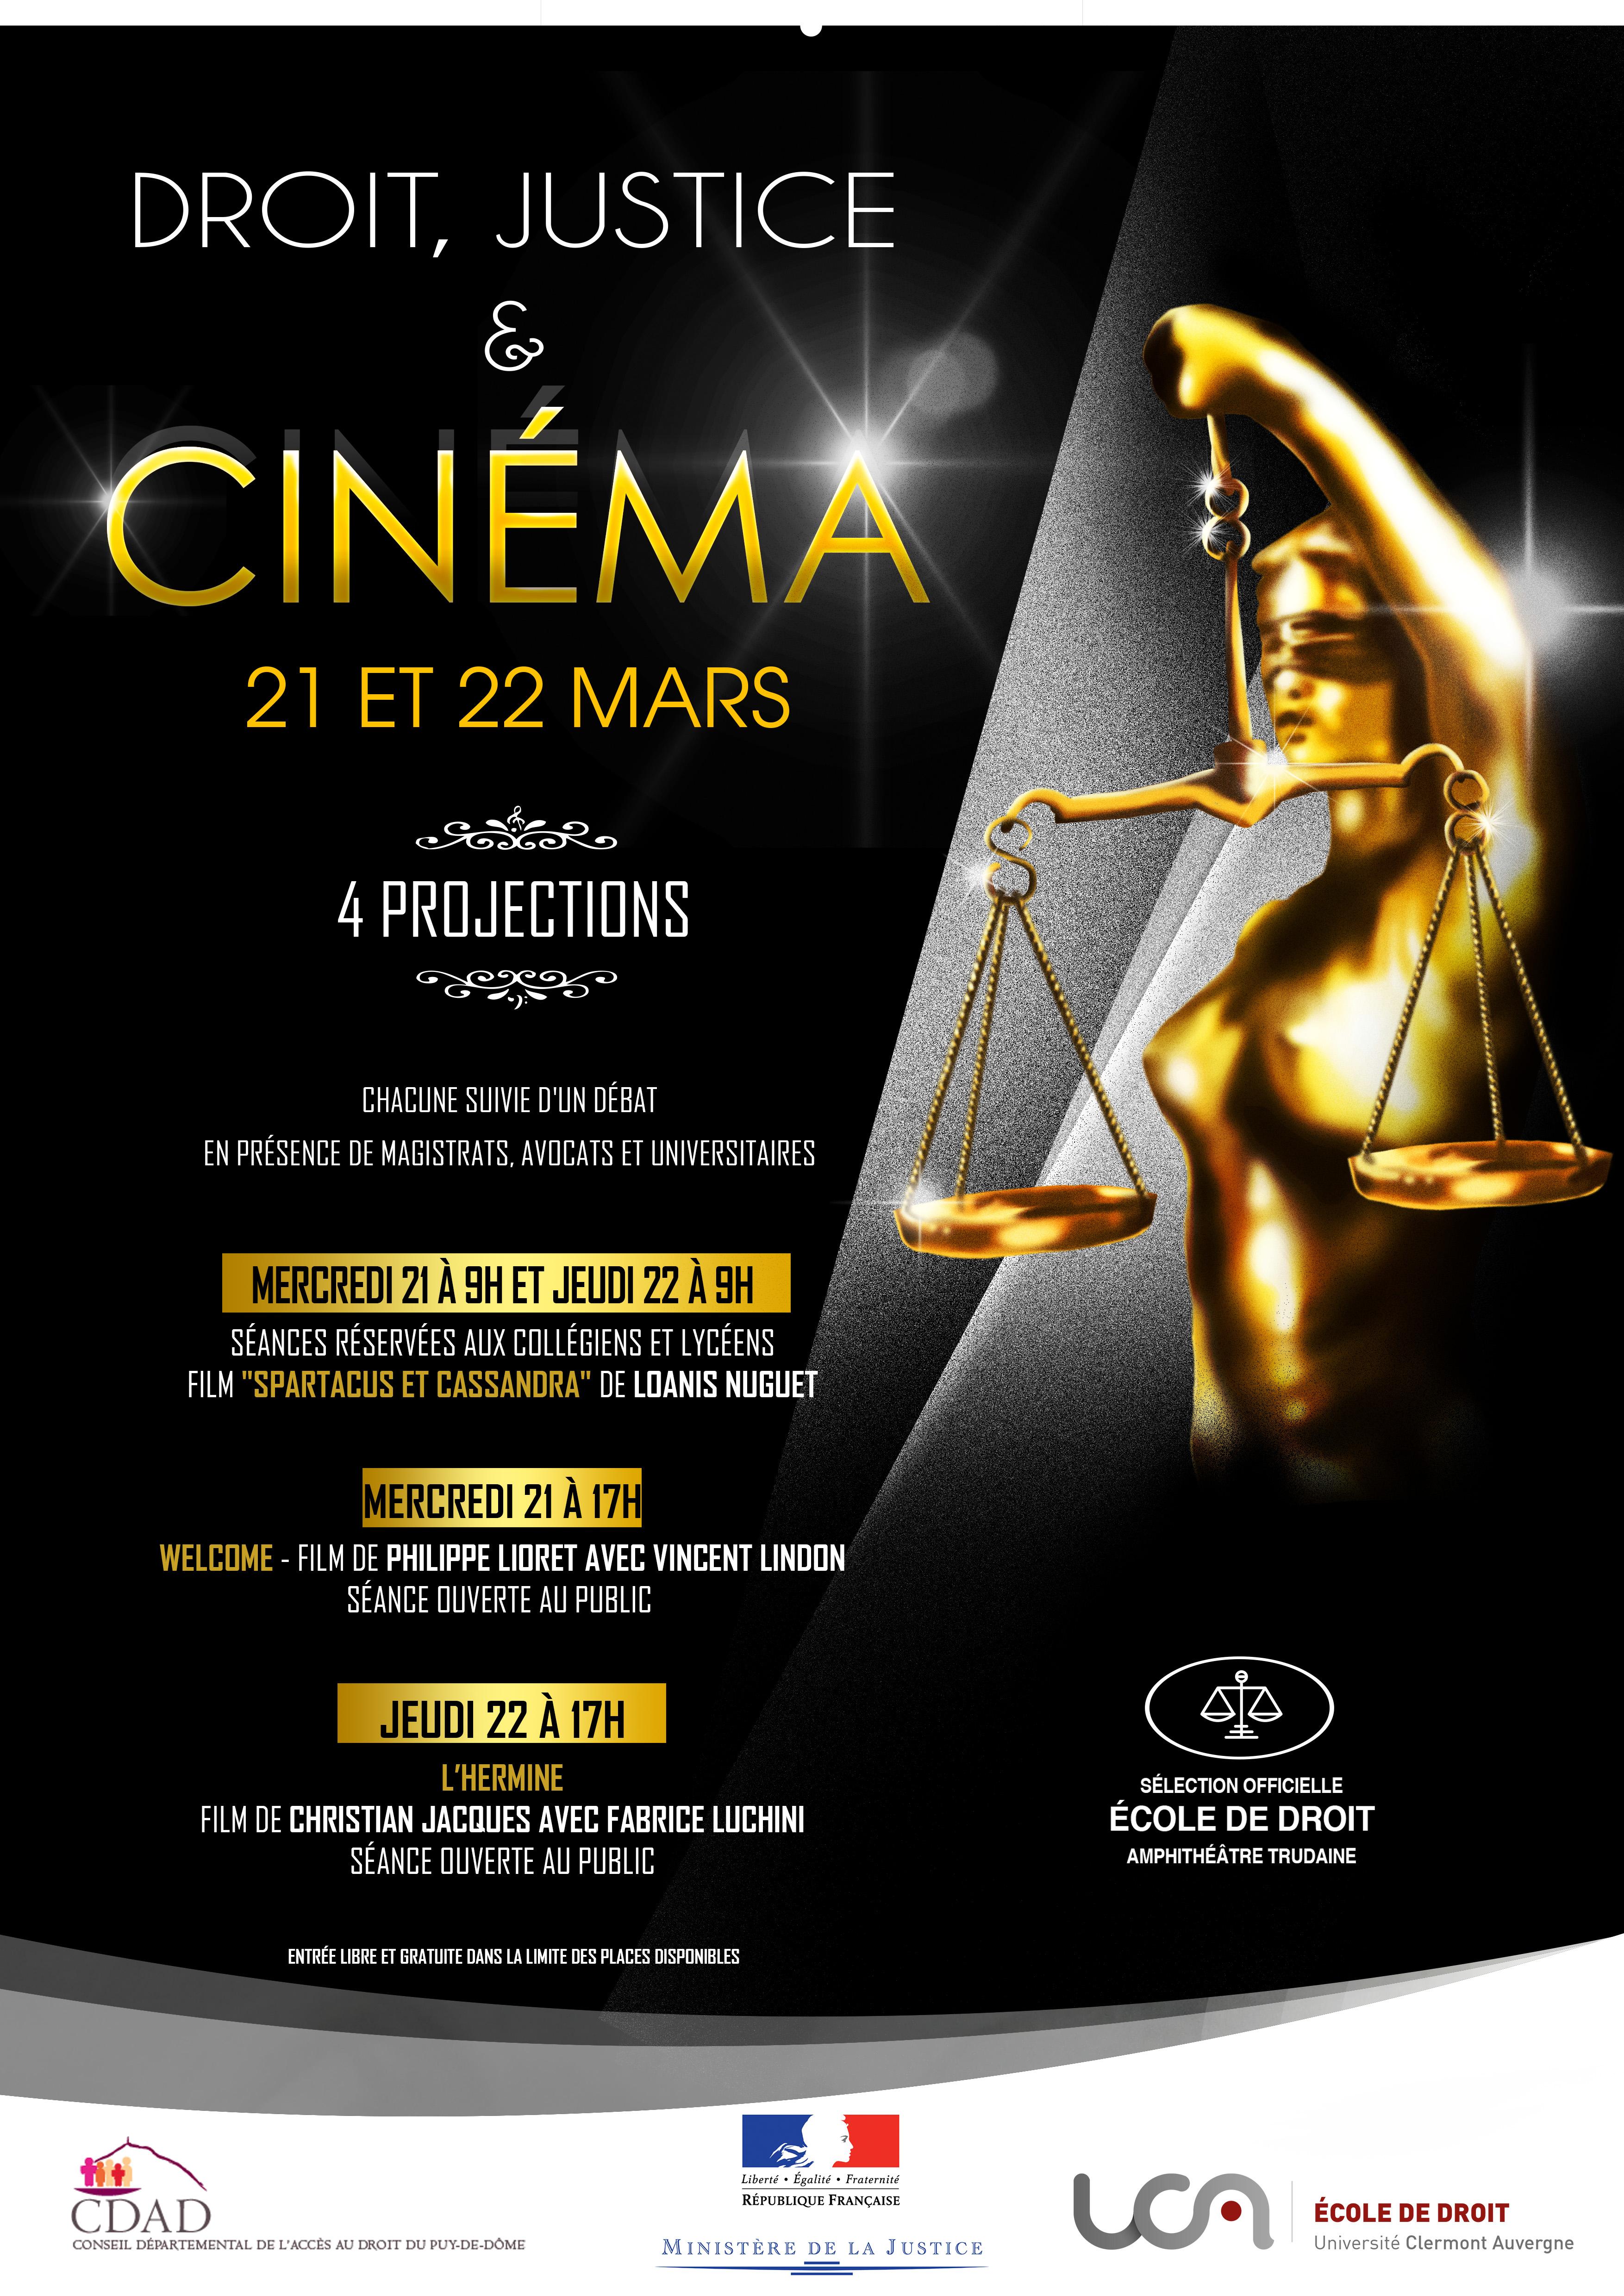 Festival Droit, Justice et Cinéma 2018